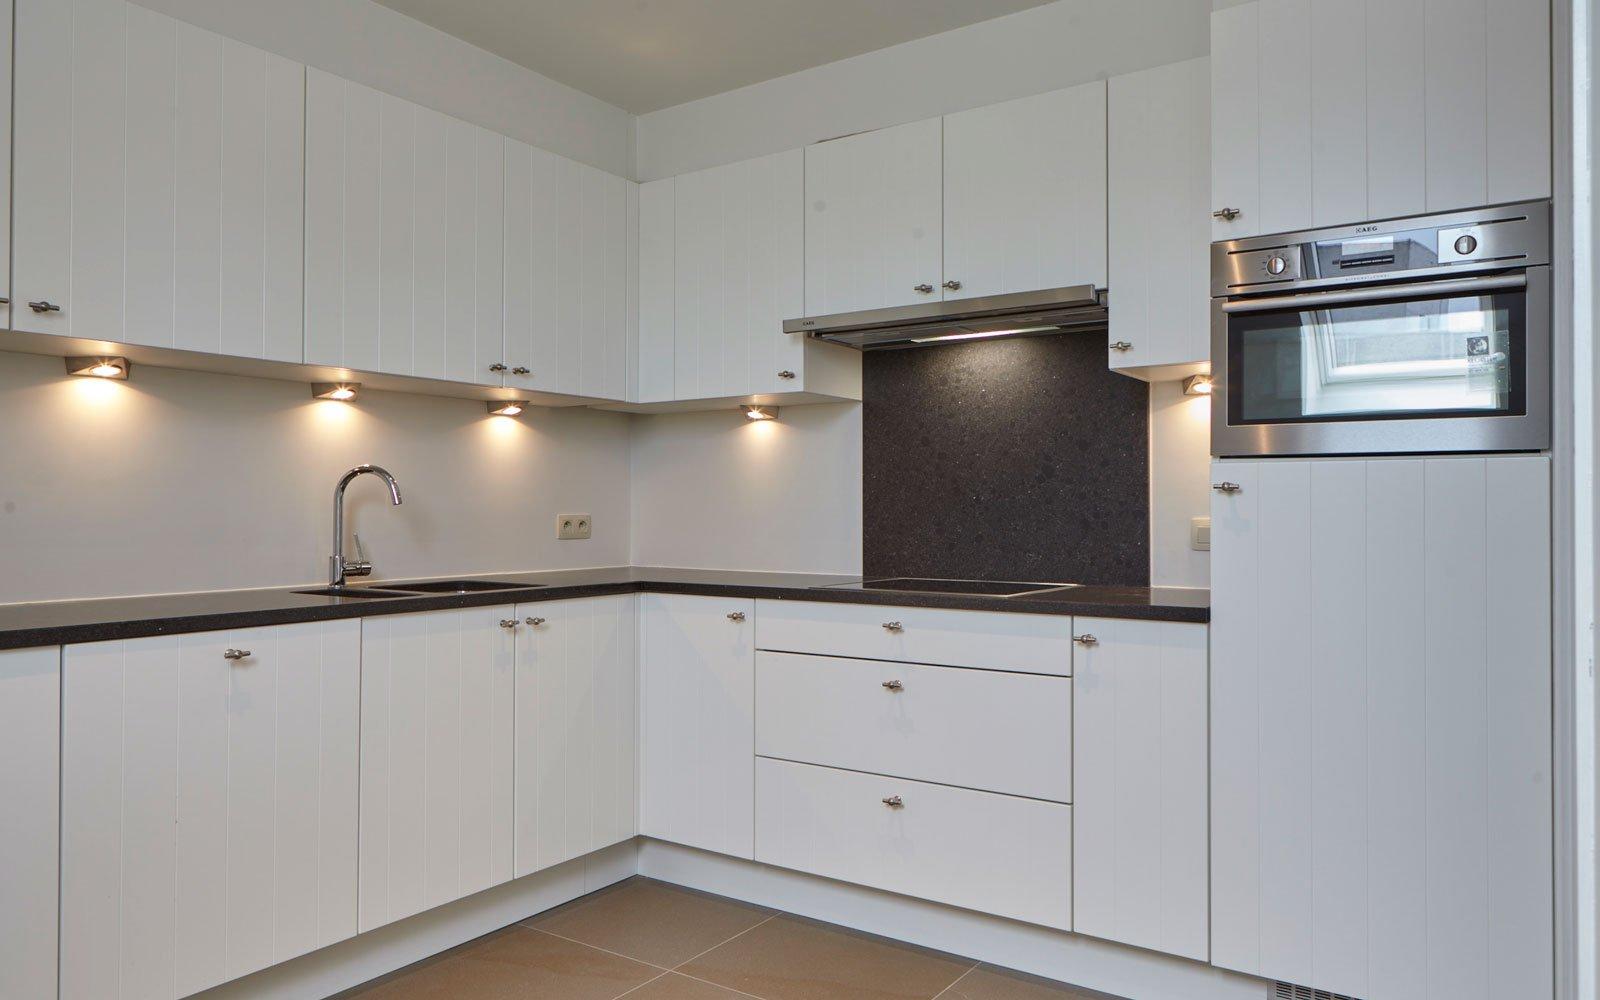 Keuken, Grando Keukens, strak, wit, appartementencomplex, t zonnige hoekje, Bart François